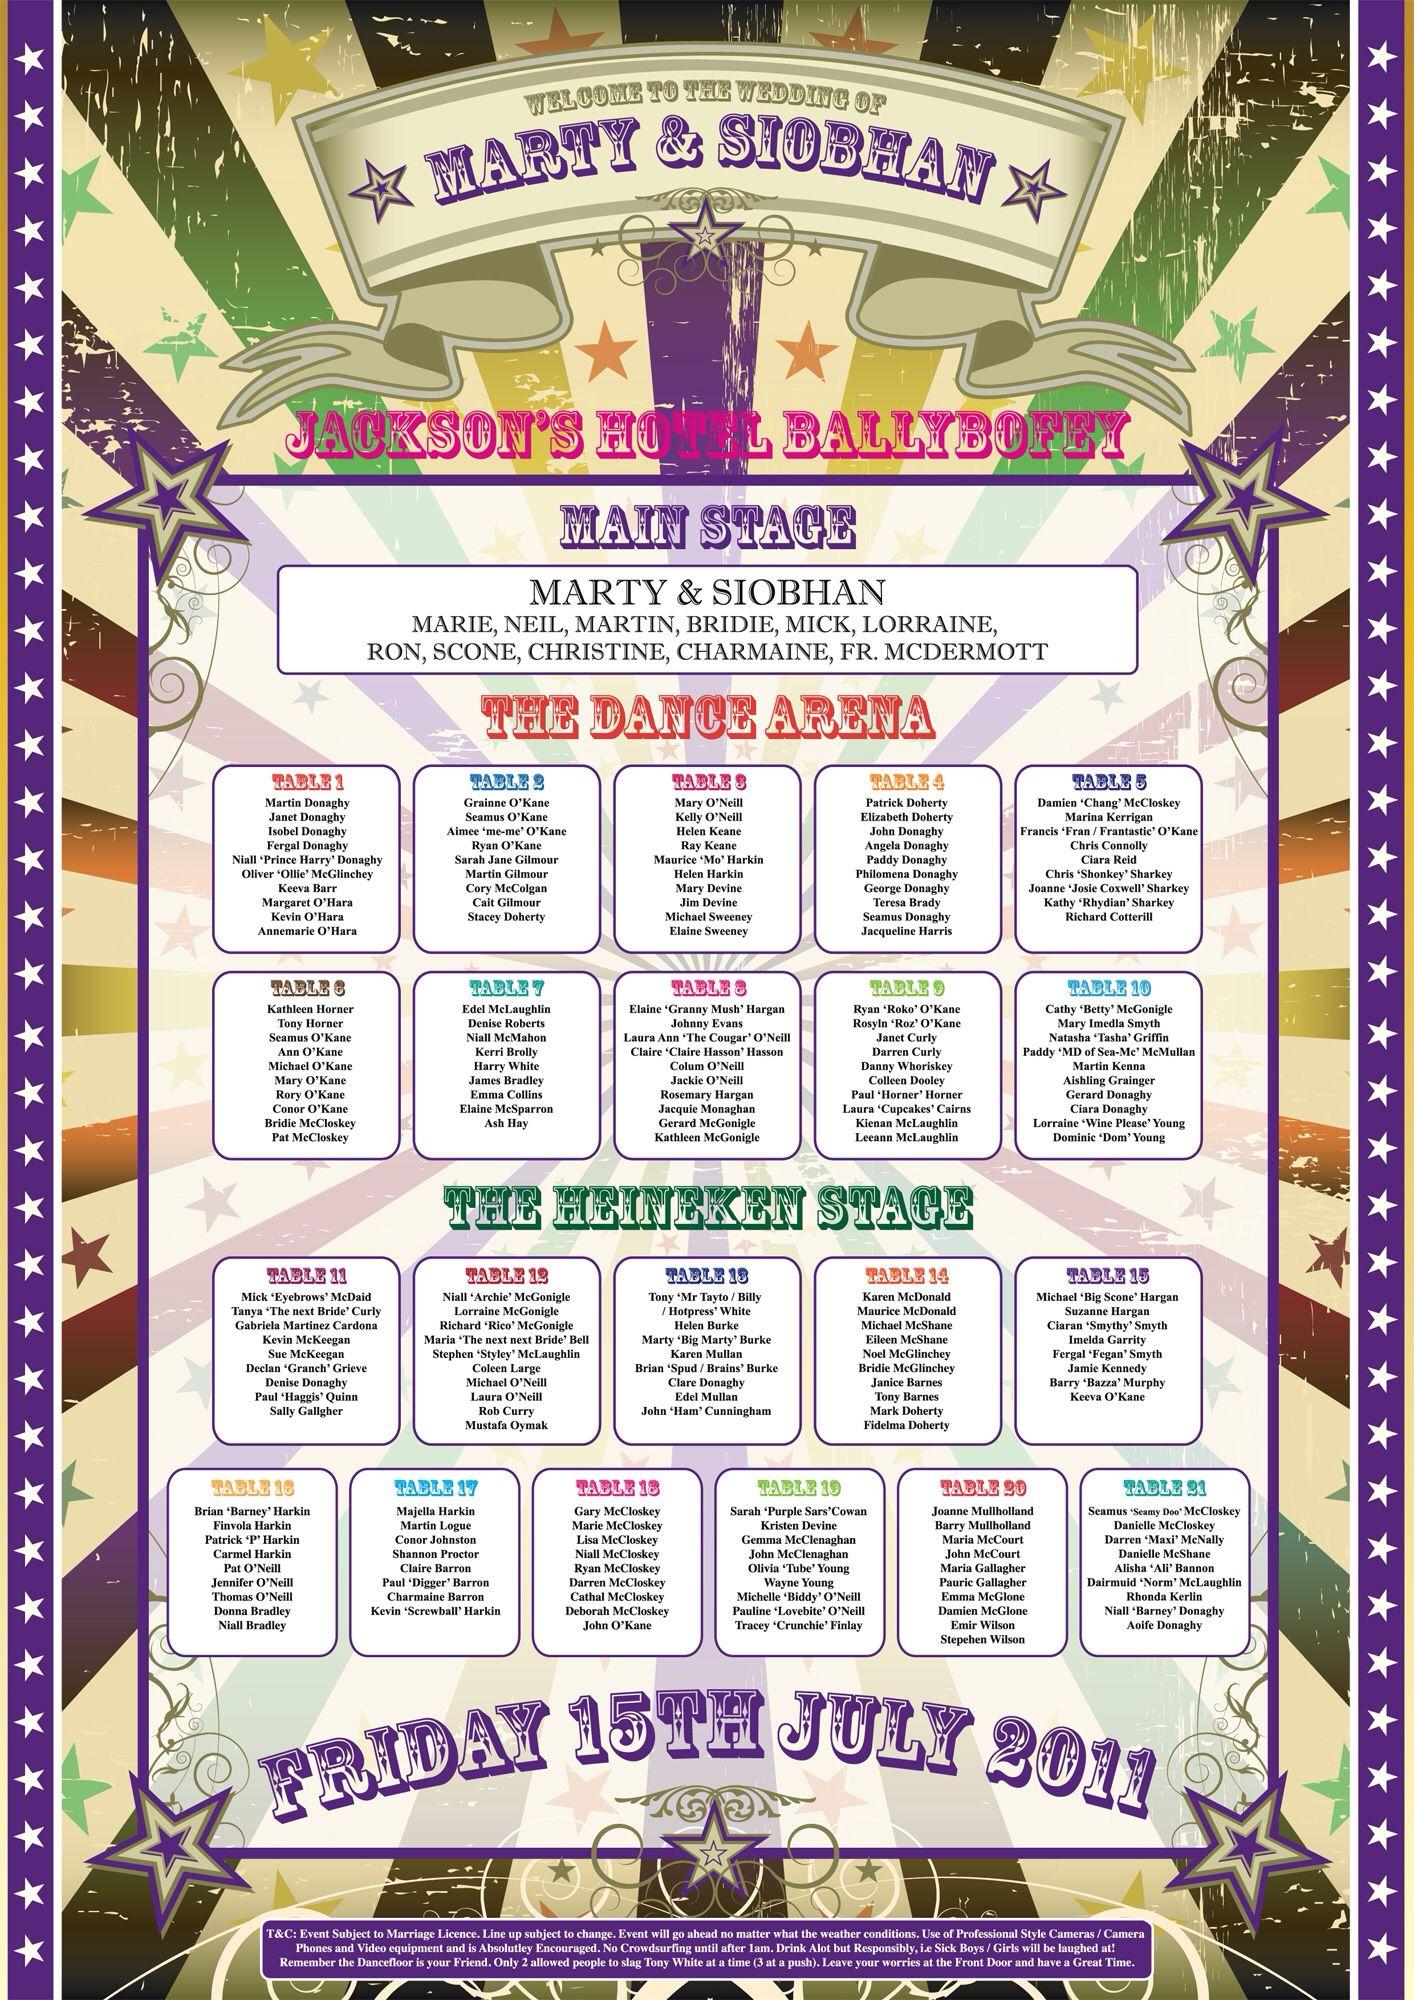 Circus theme table plan. | Wedding Table Plan & Welcome sign ...